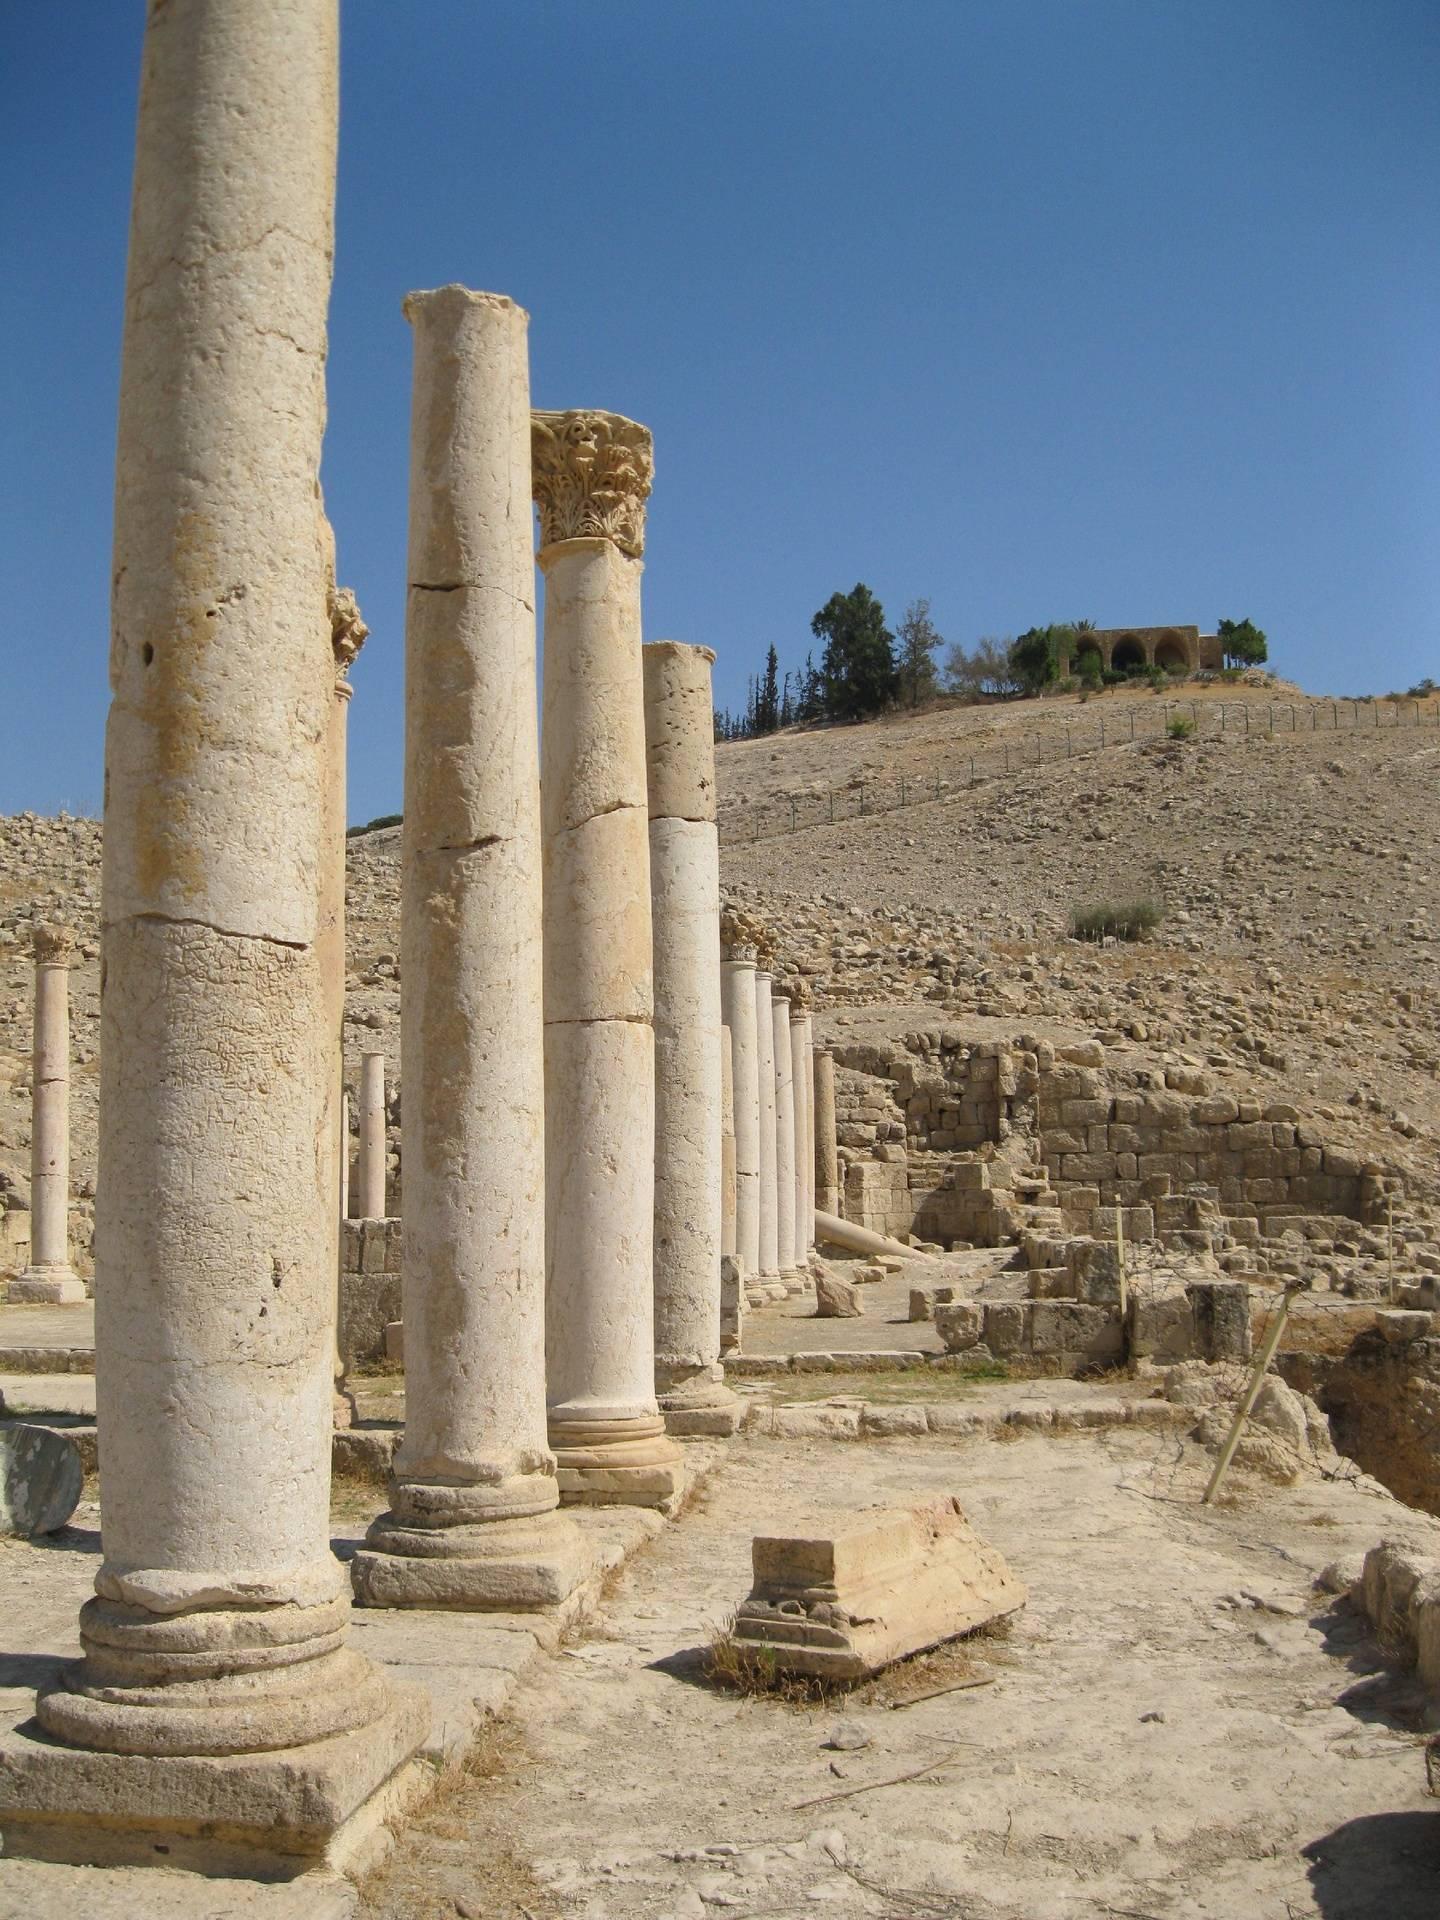 Pella Columns 4